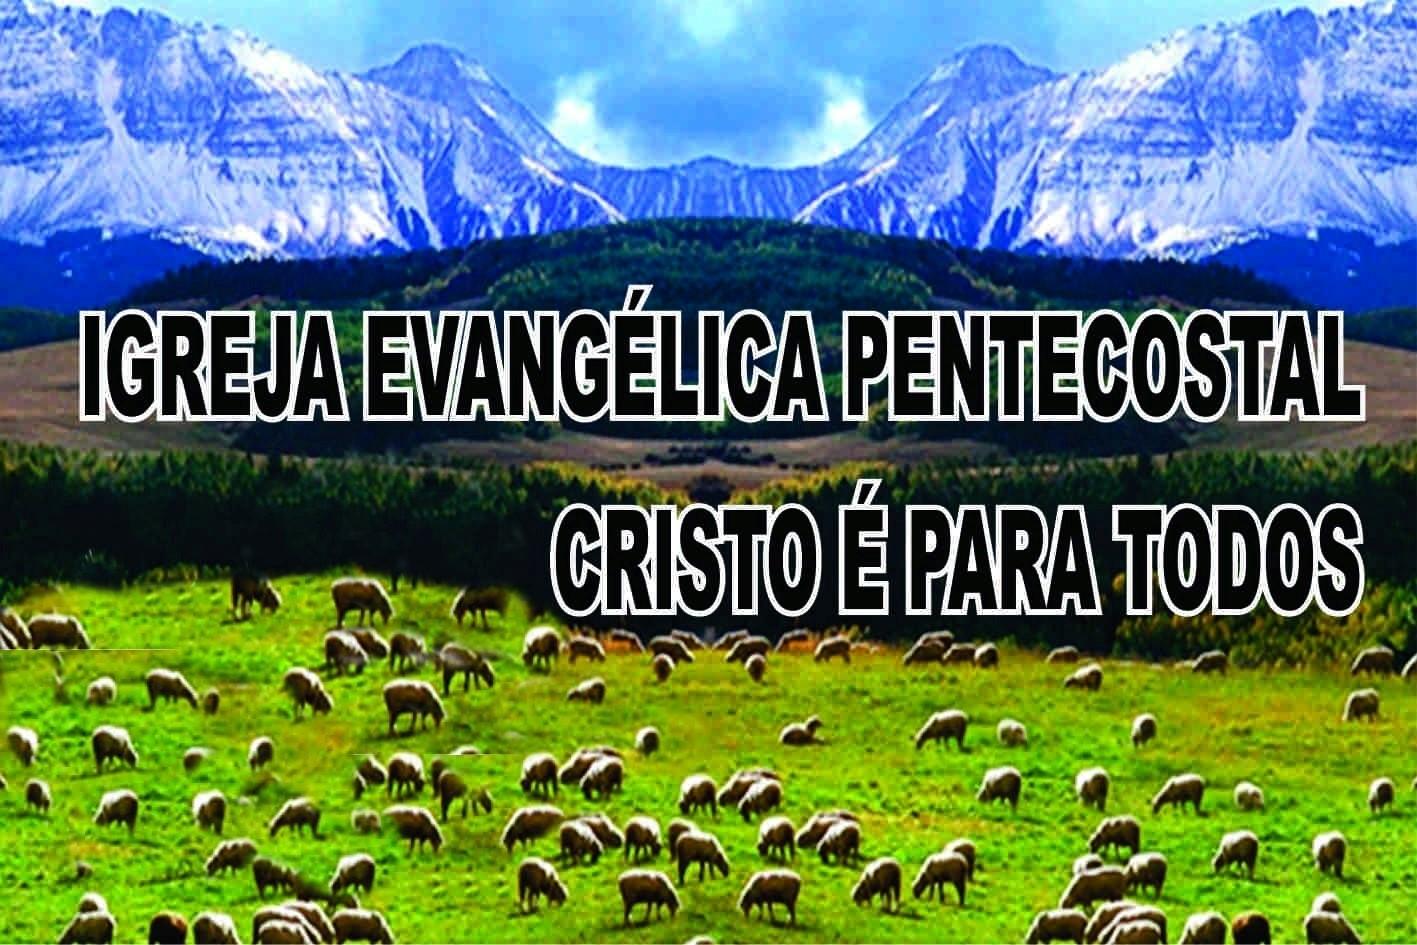 Igreja evangélica